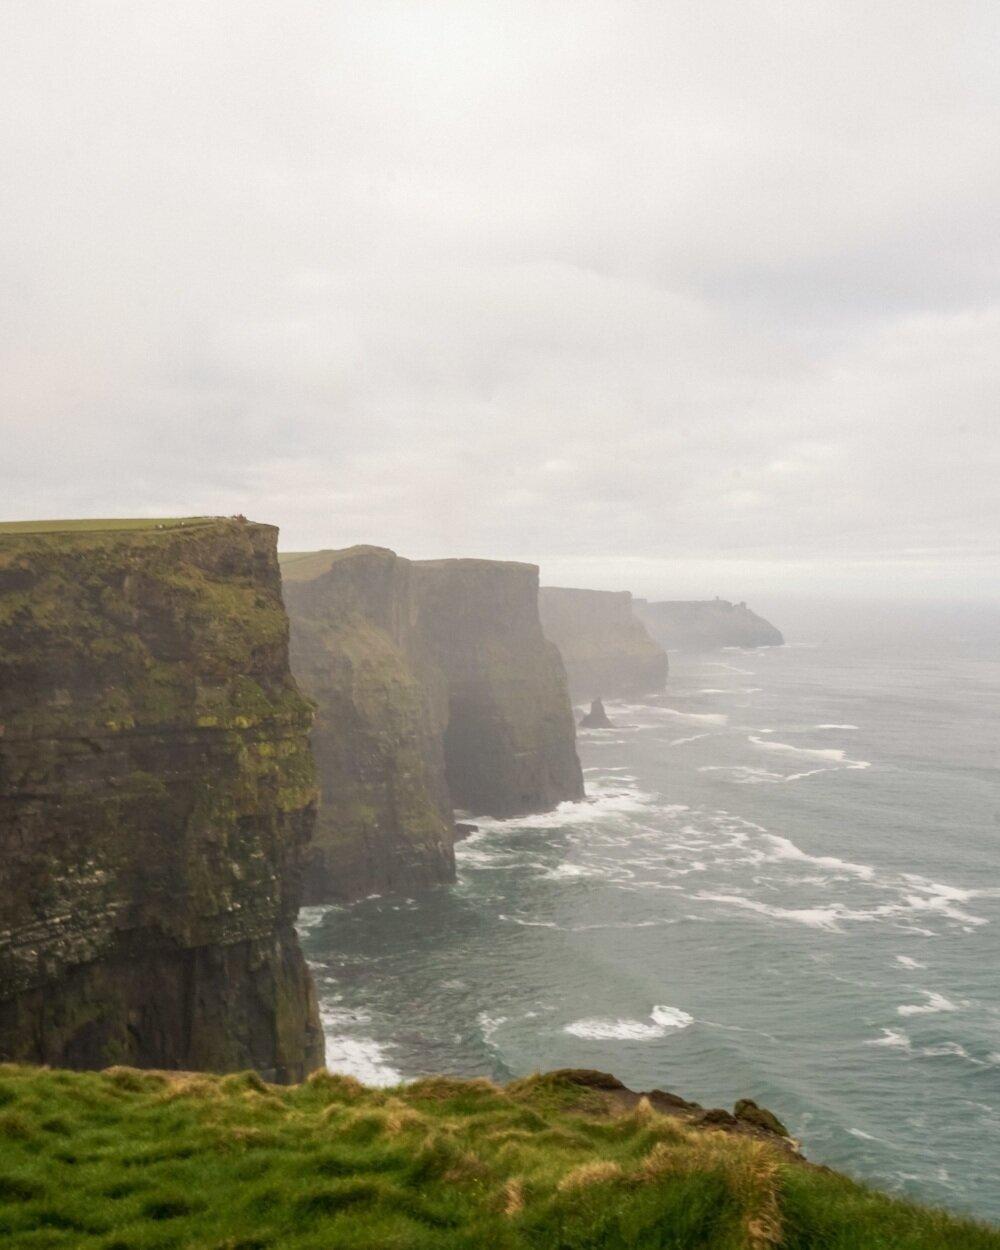 curio.trips.ireland.cliffs.of.moher.portrait.jpg